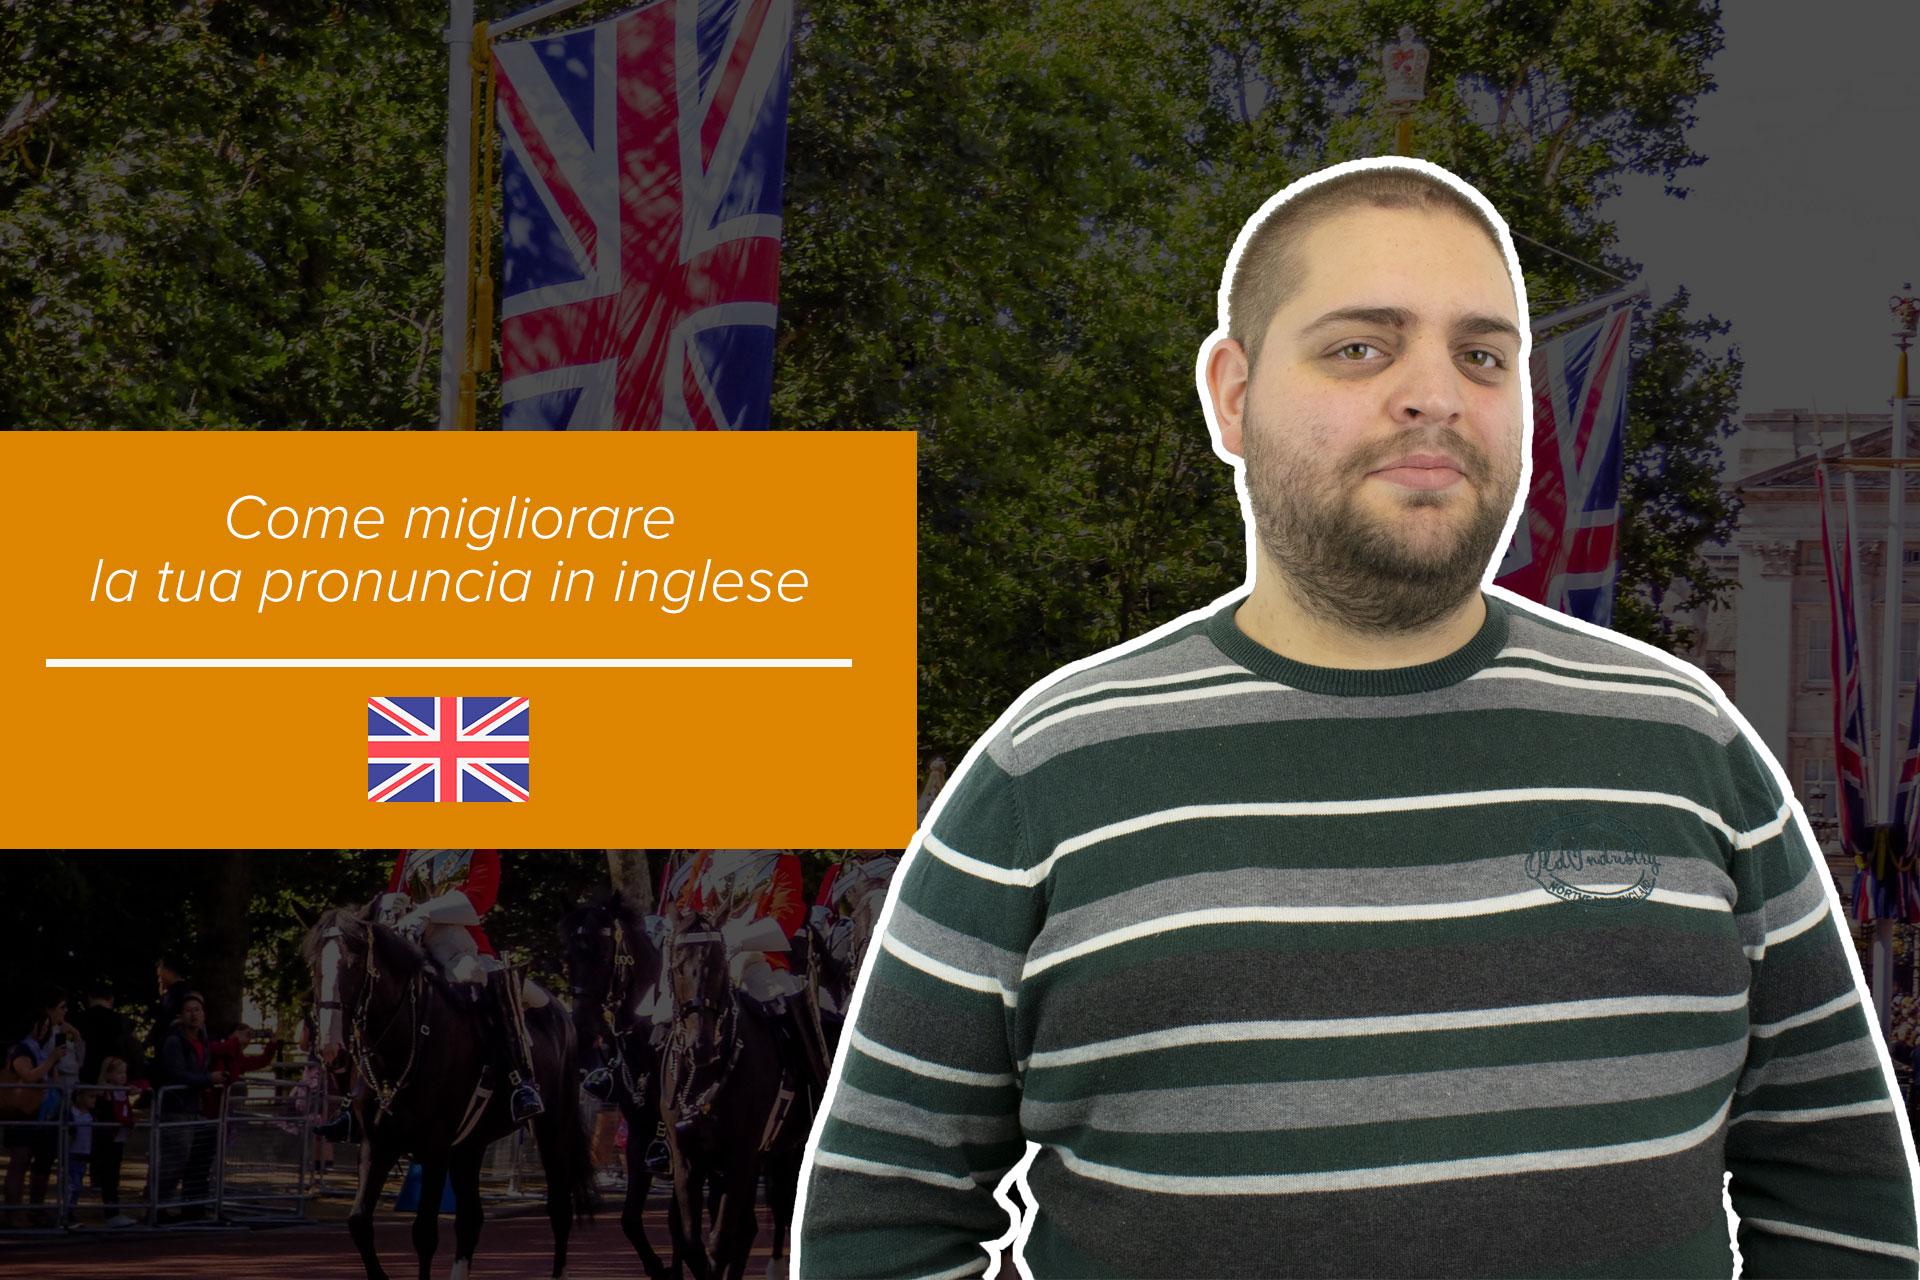 Come migliorare la pronuncia in inglese